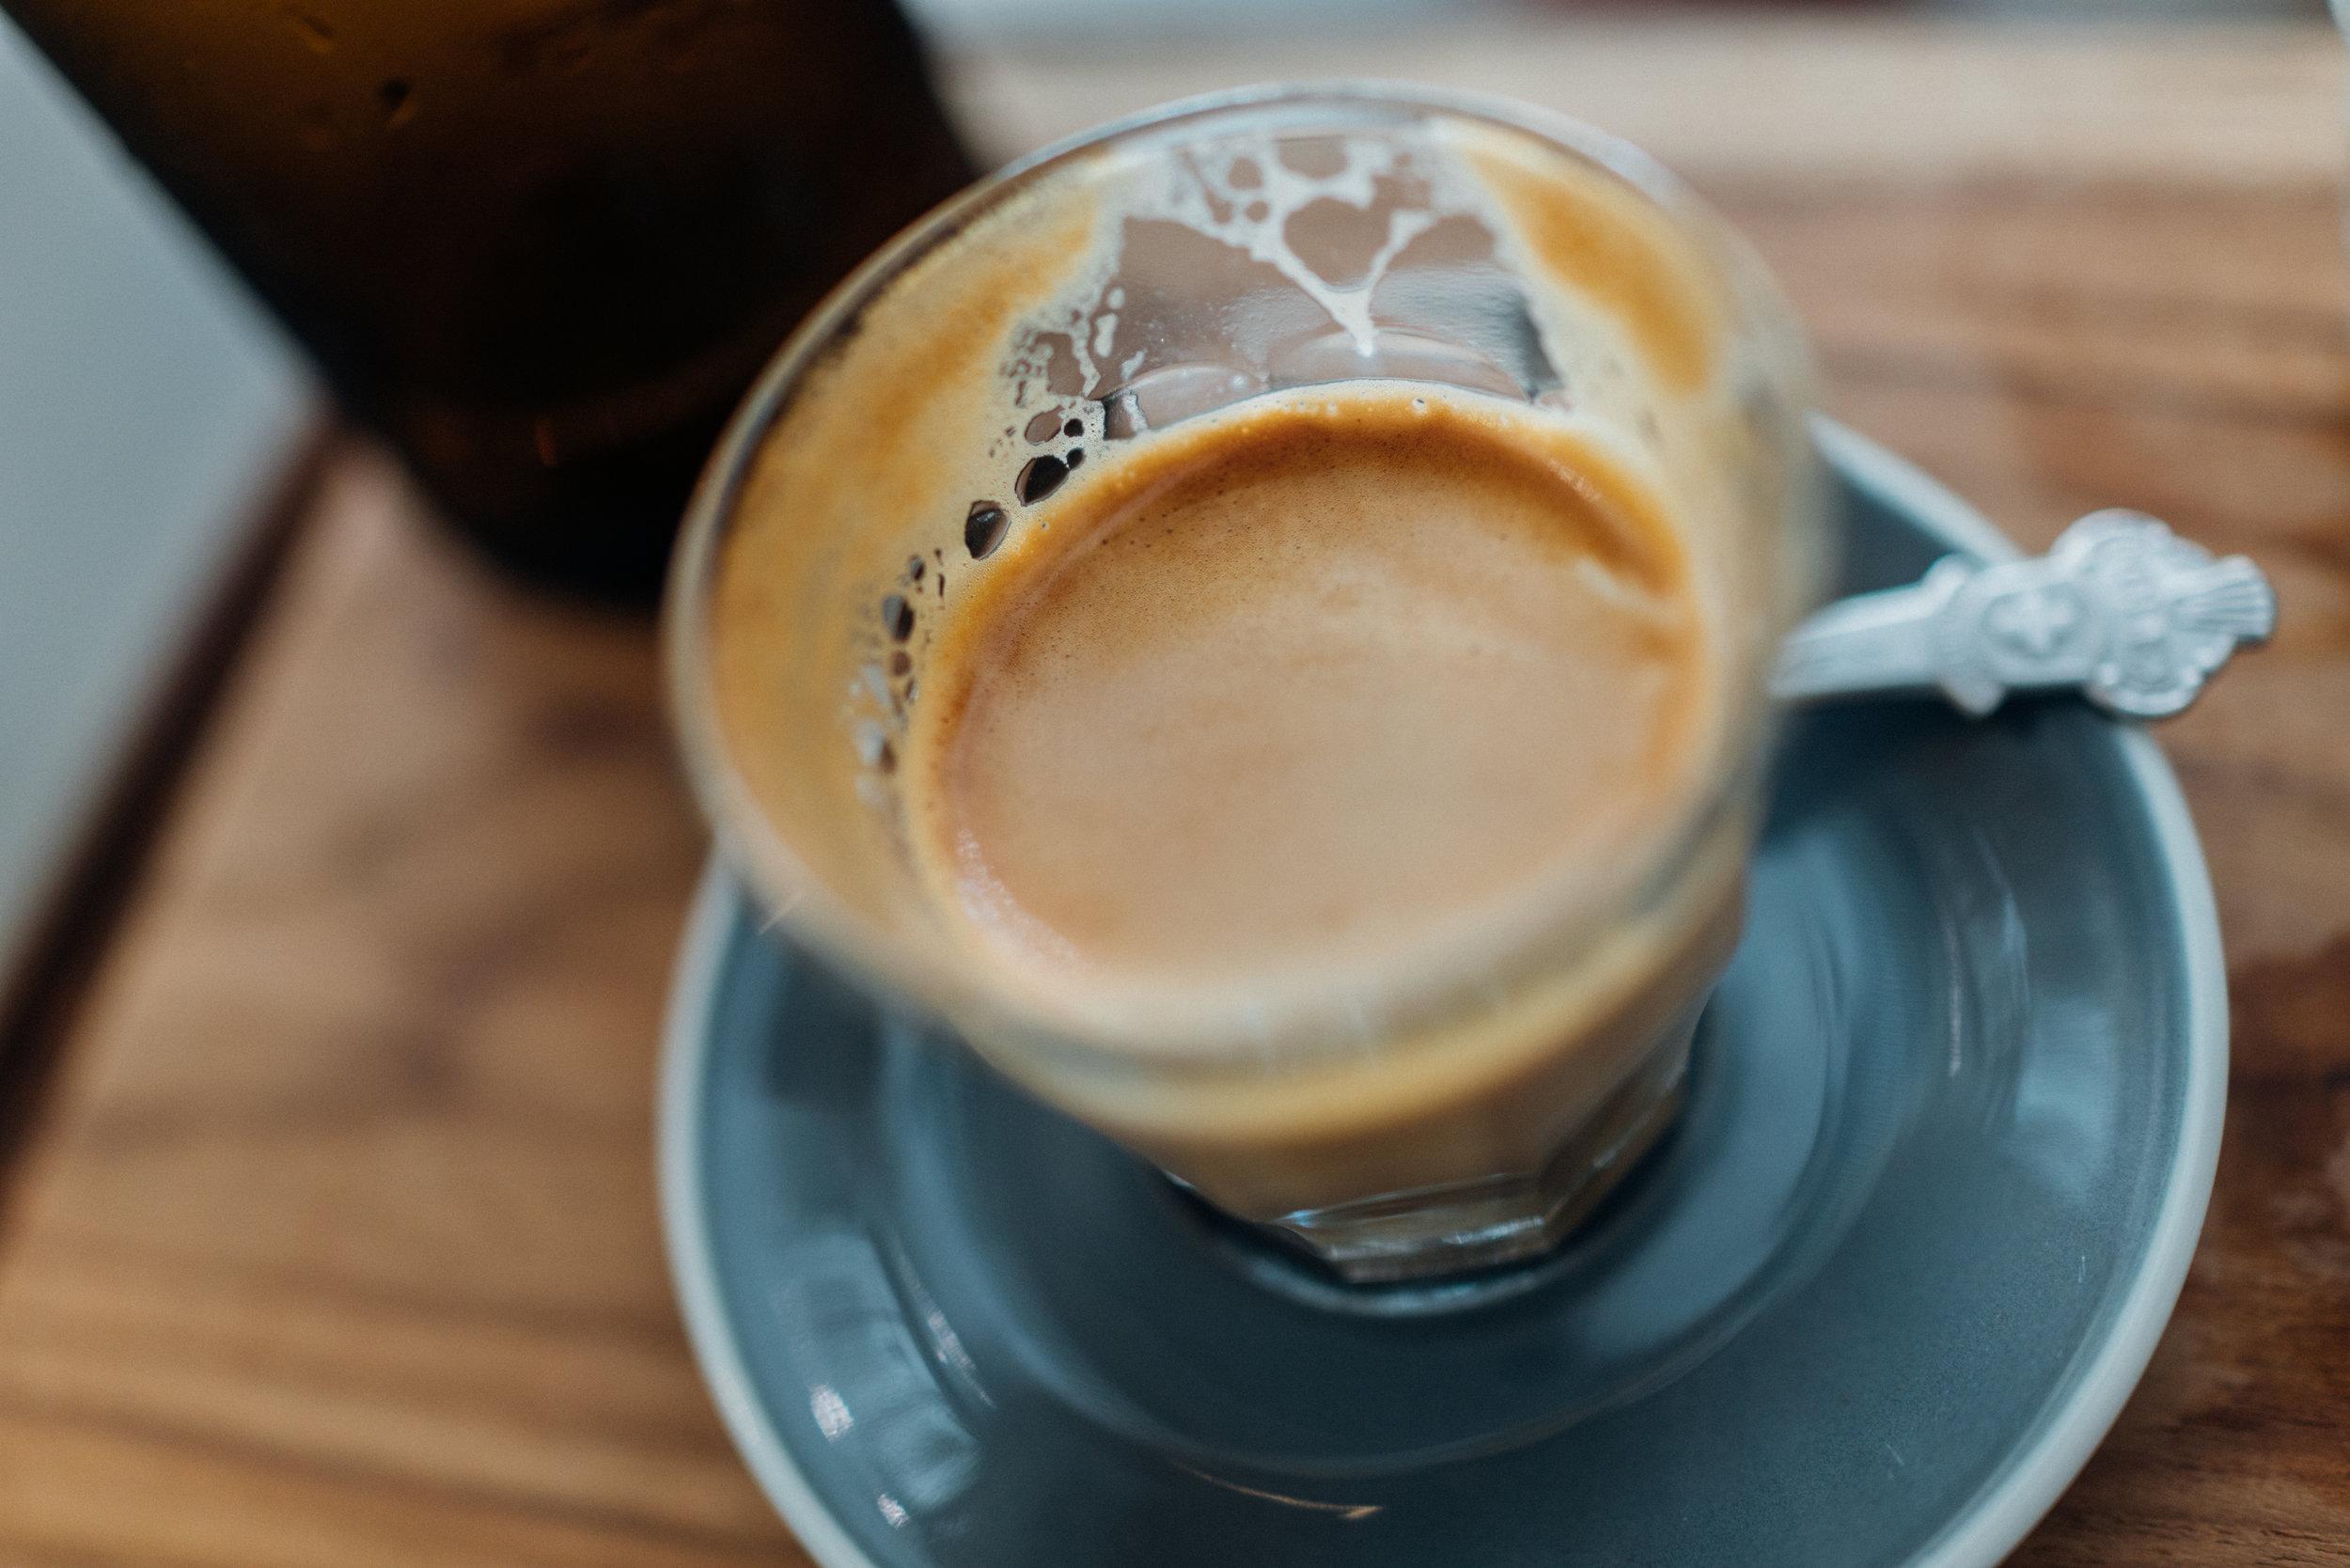 A Piccolo at Omnia Cafe